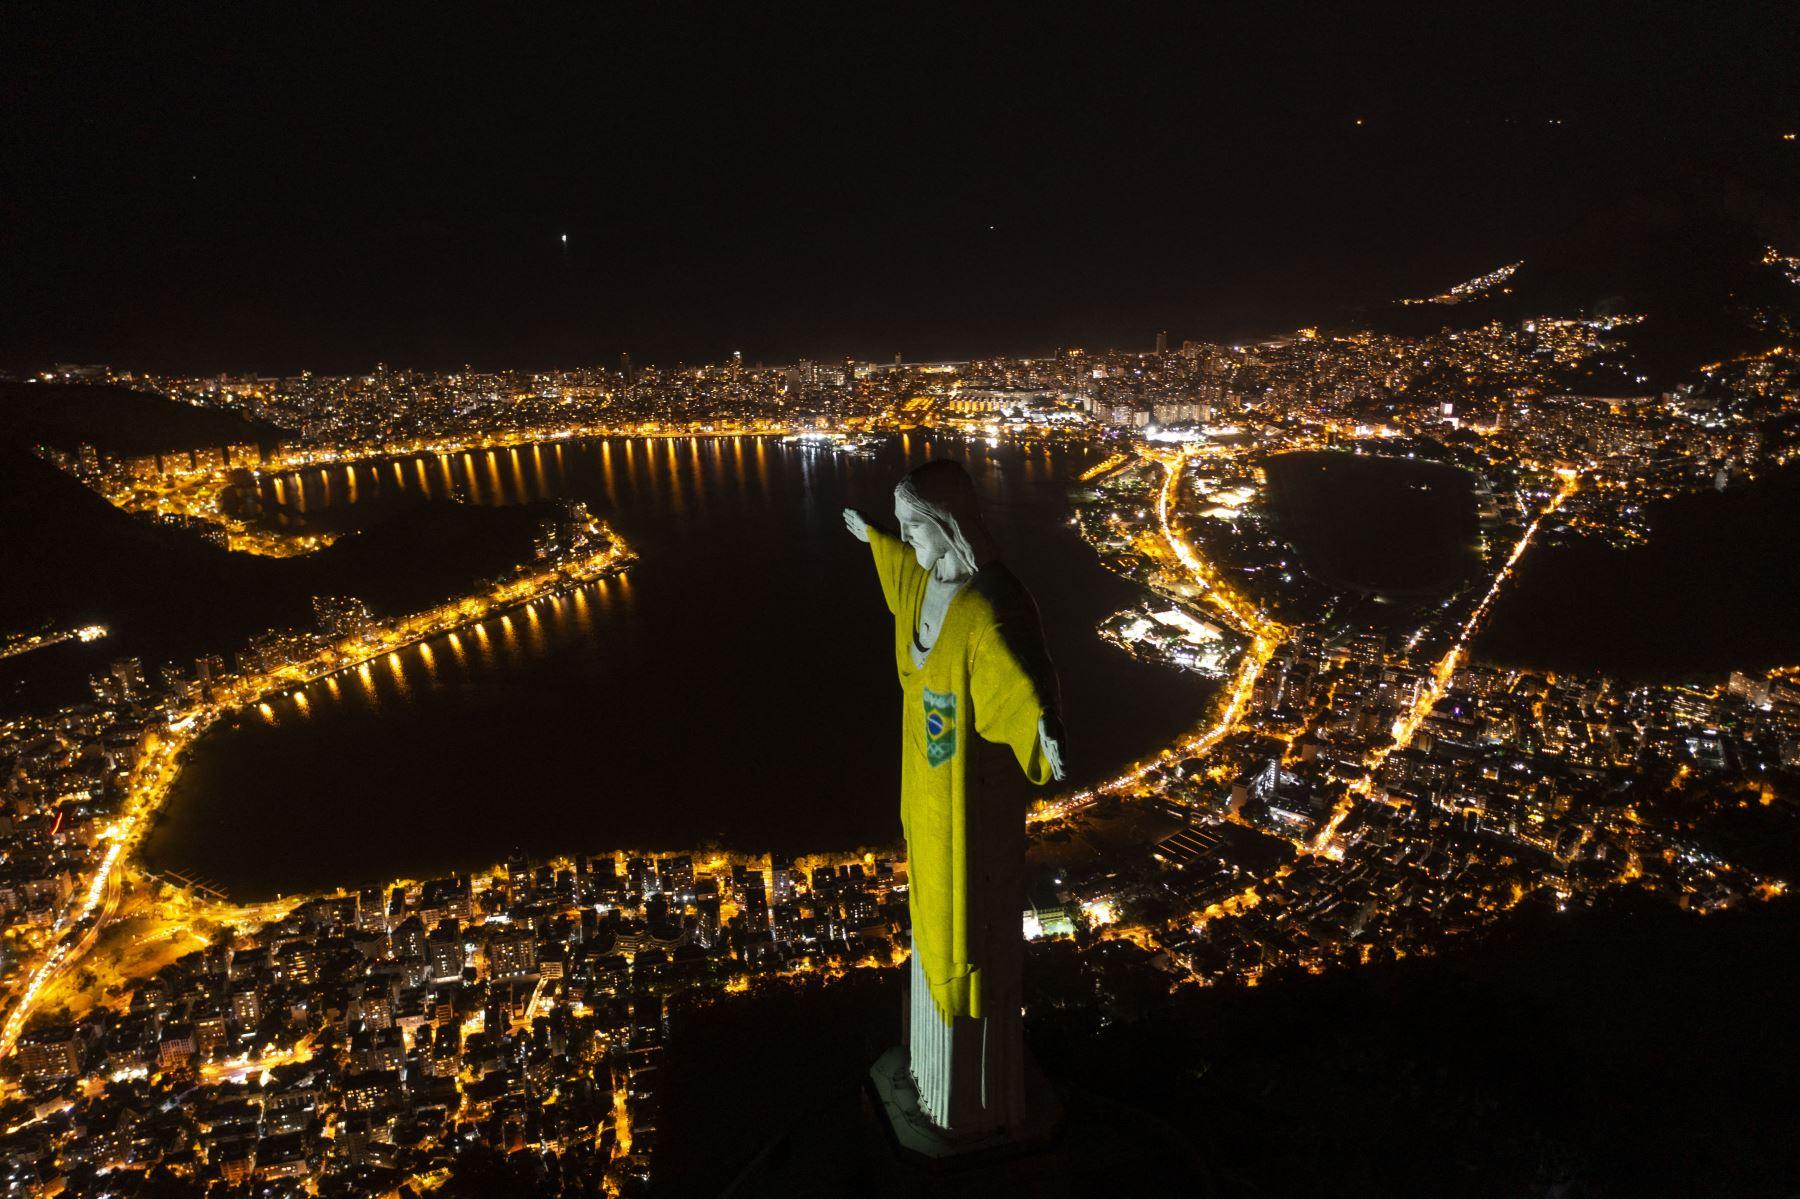 Vista aérea de la estatua del Cristo Redentor iluminada con los colores de la bandera brasileña para marcar los 100 días hasta los Juegos Olímpicos de Tokio 2020 en Río de Janeiro, Brasil. Foto: AFP